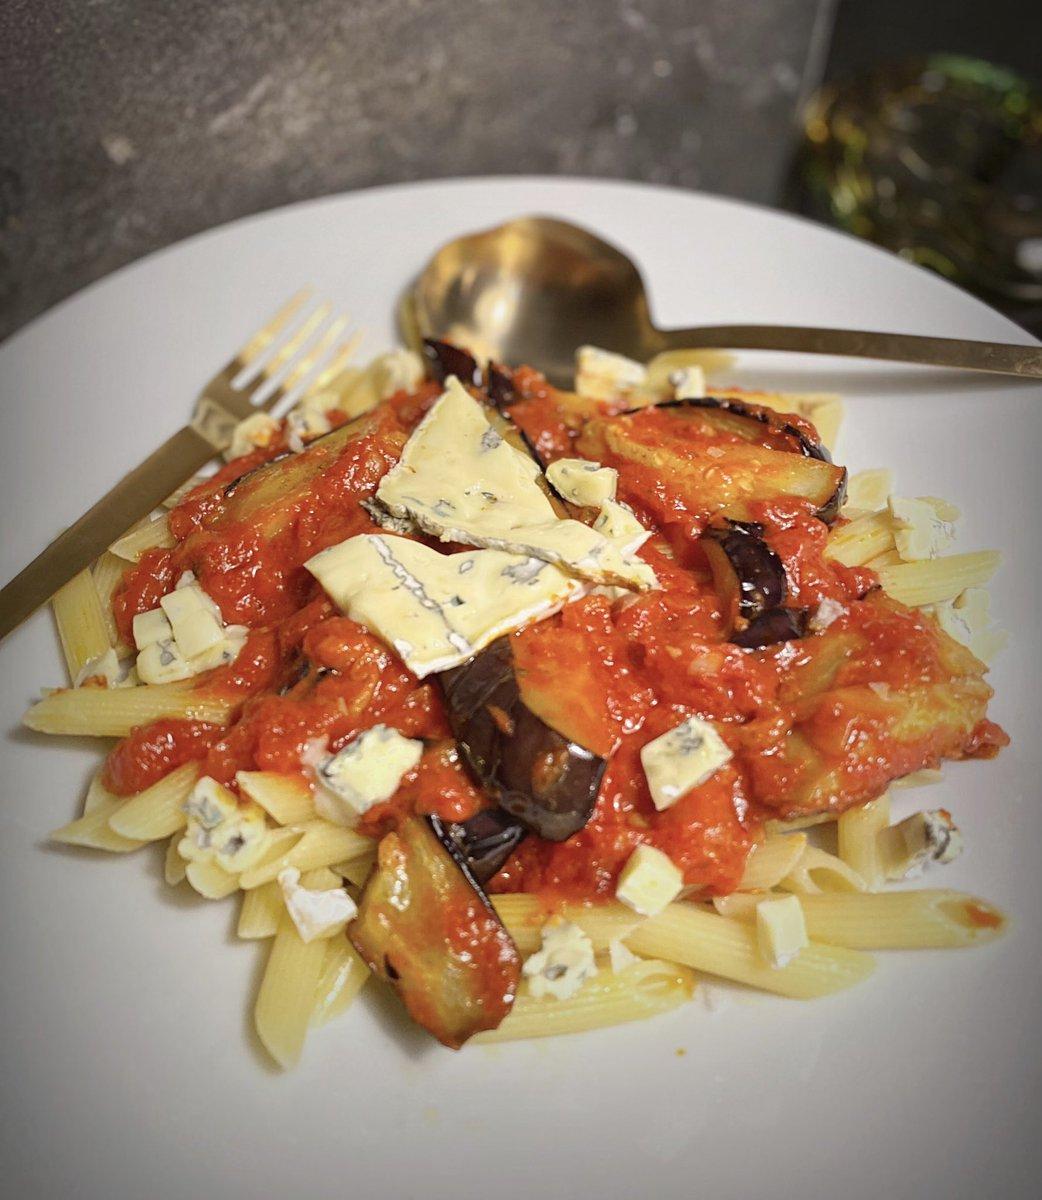 はあい、茄子とトマトとブルーチーズのペンネ〜見た目怖いくらいカビてますが、匂いも味もきつくないブルーチーズなので、とろとろの茄子と一緒にパスタに絡めてほおばってね〜Bon appétit〜🍆🍅🧀🍝🍷#裕木庵